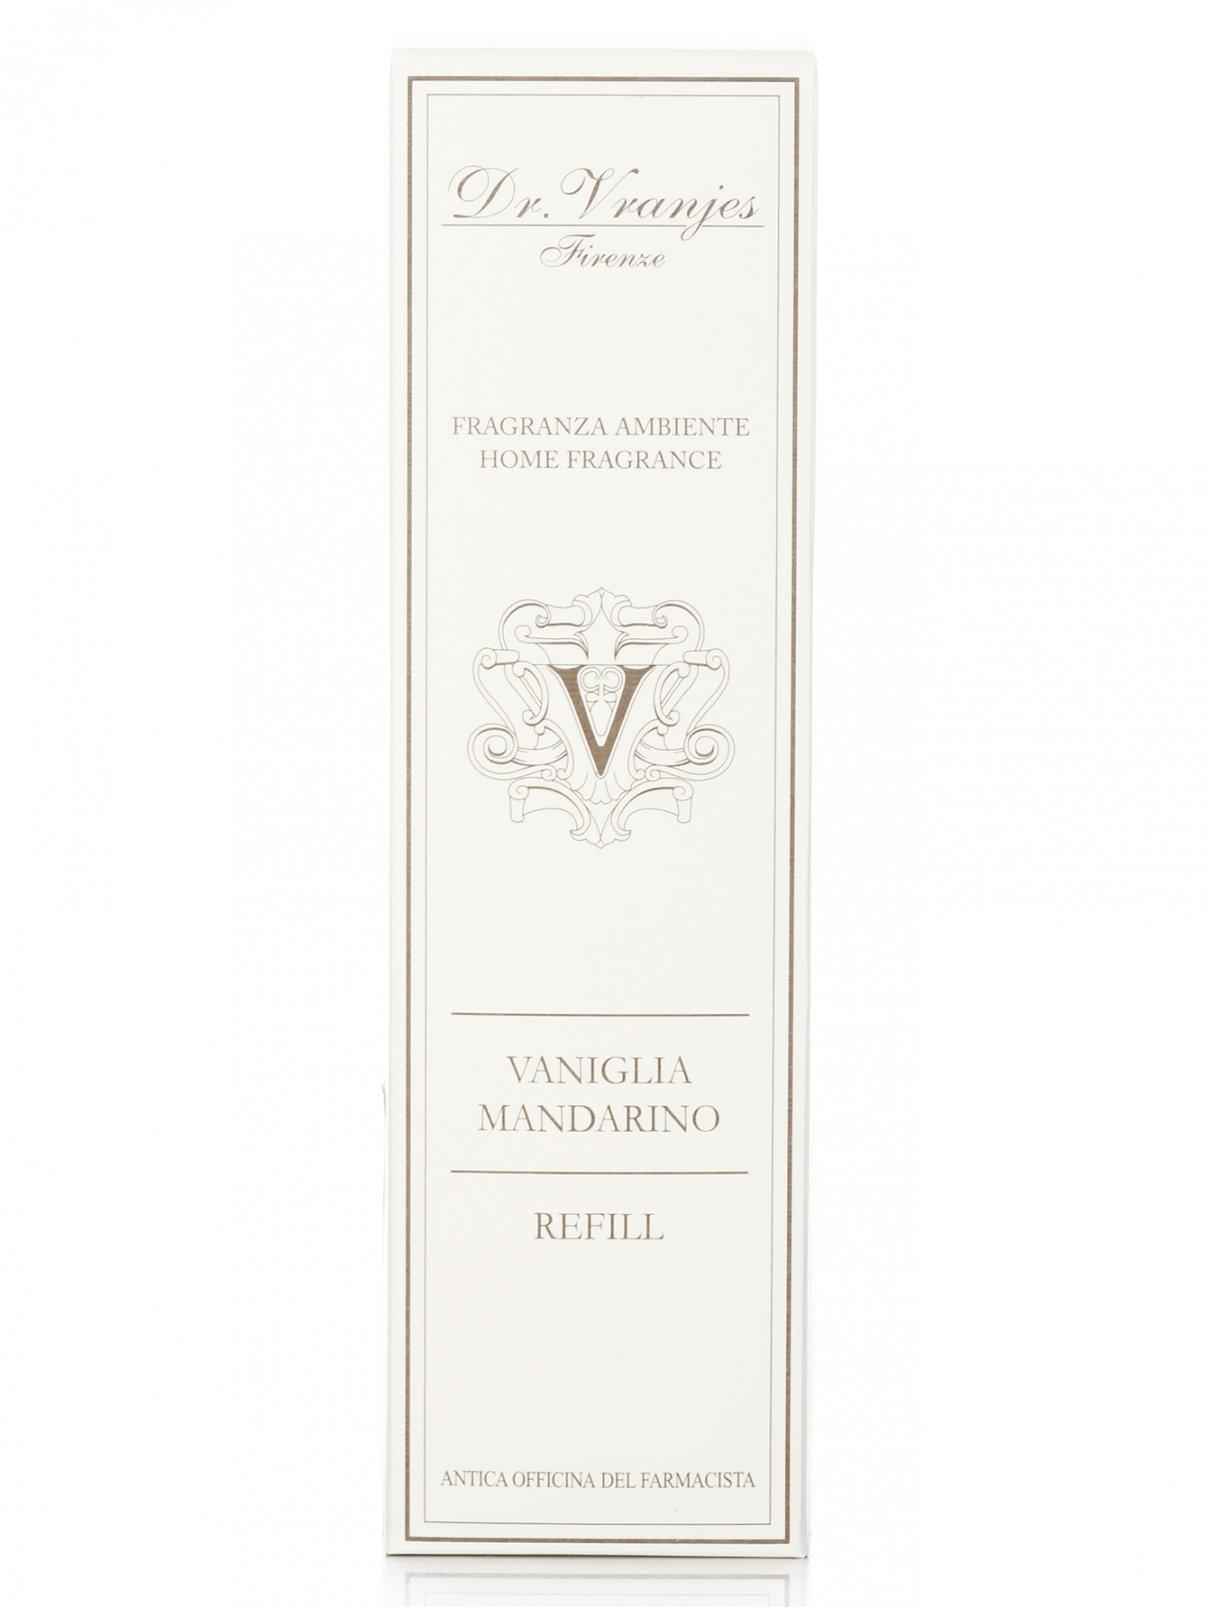 Наполнитель для диффузора Vaniglia Mandarino - Home Fragrance, 500ml Dr. Vranjes  –  Модель Общий вид